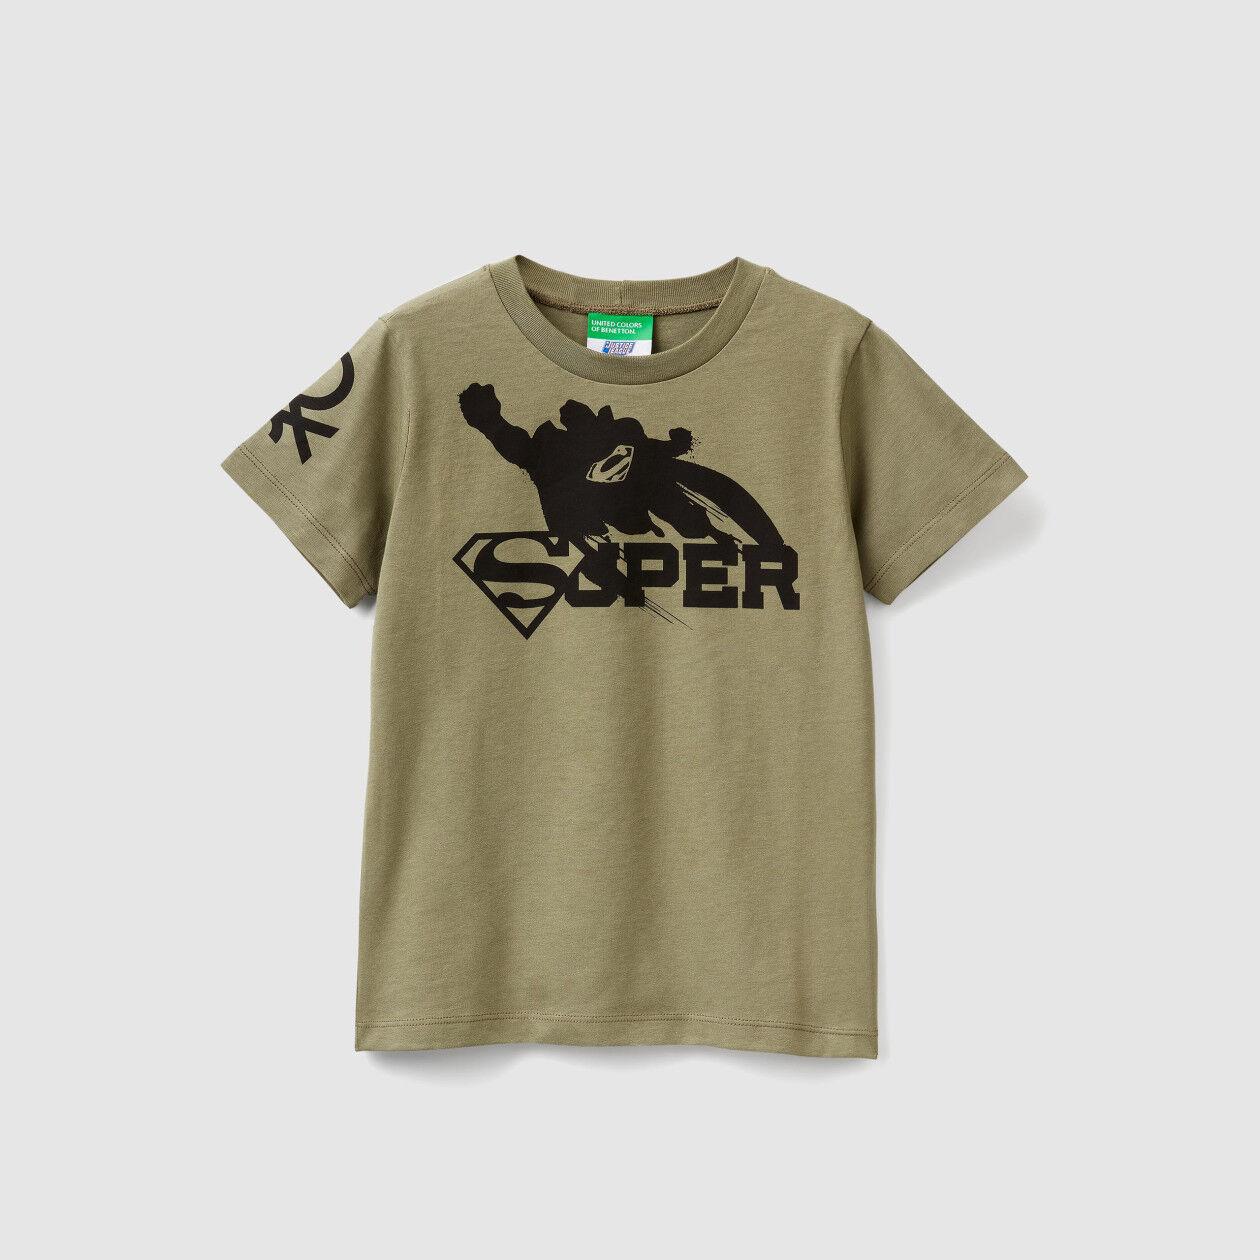 Short sleeve Superhero t-shirt